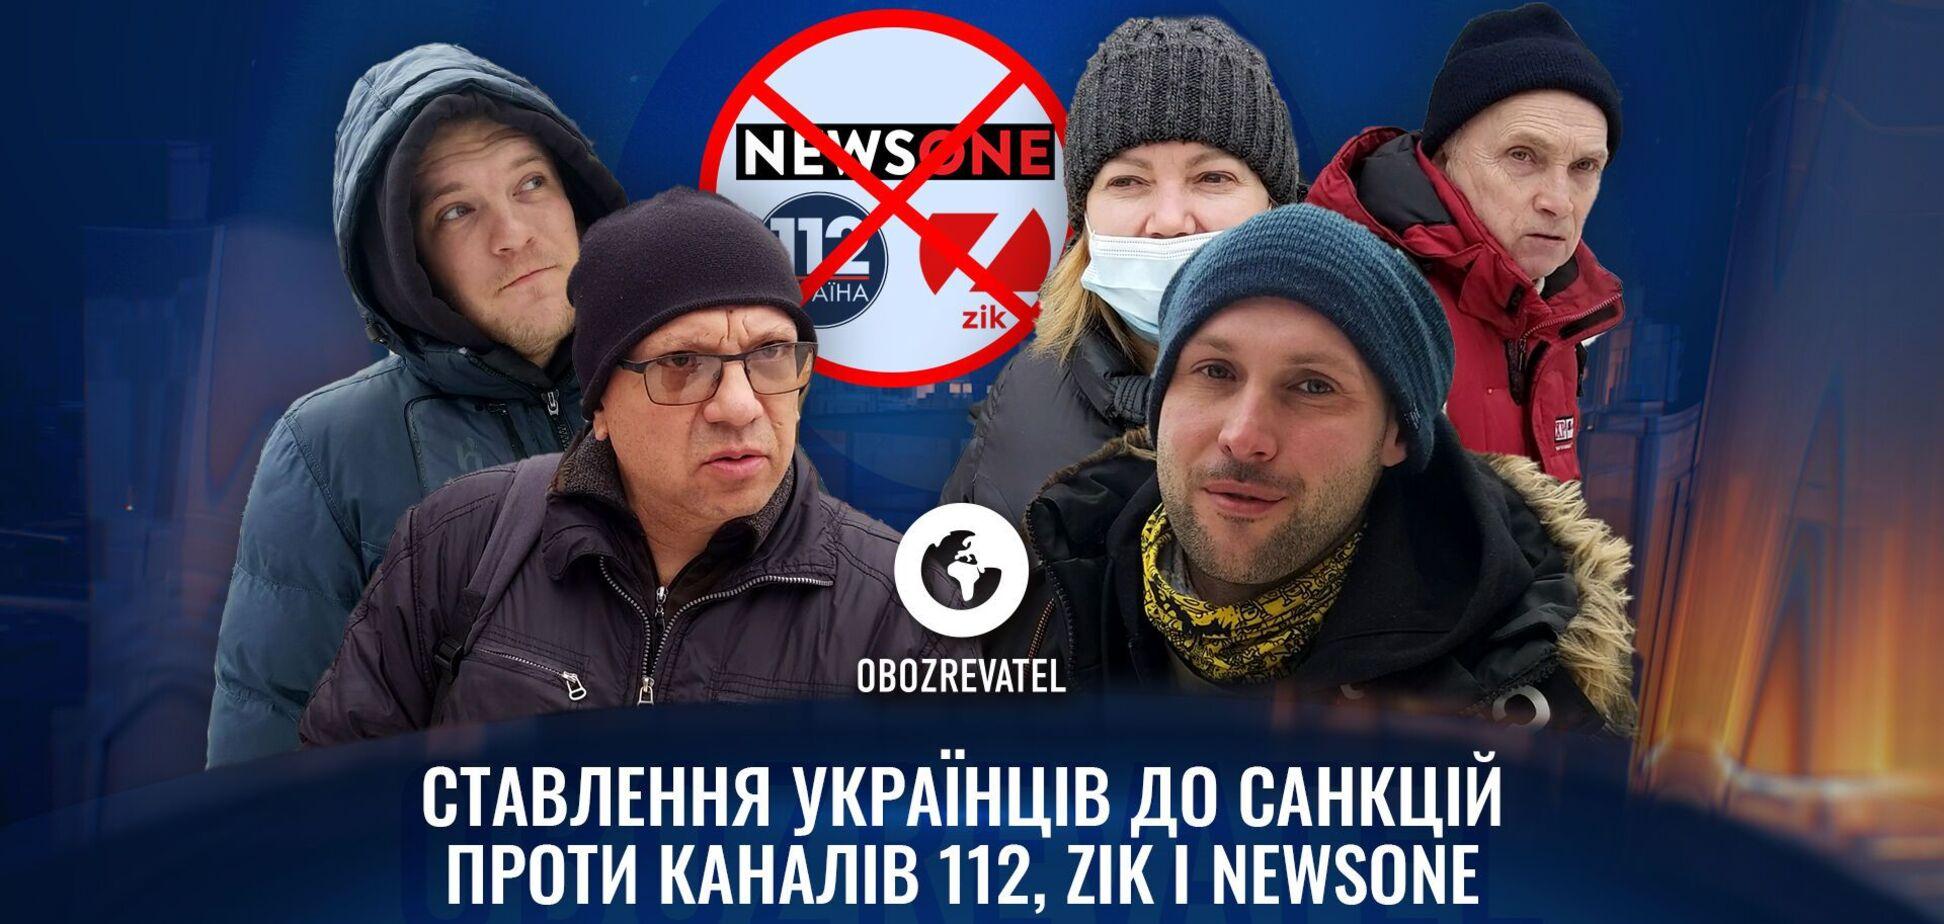 СНБО заблокировал каналы Медведчука: опрос